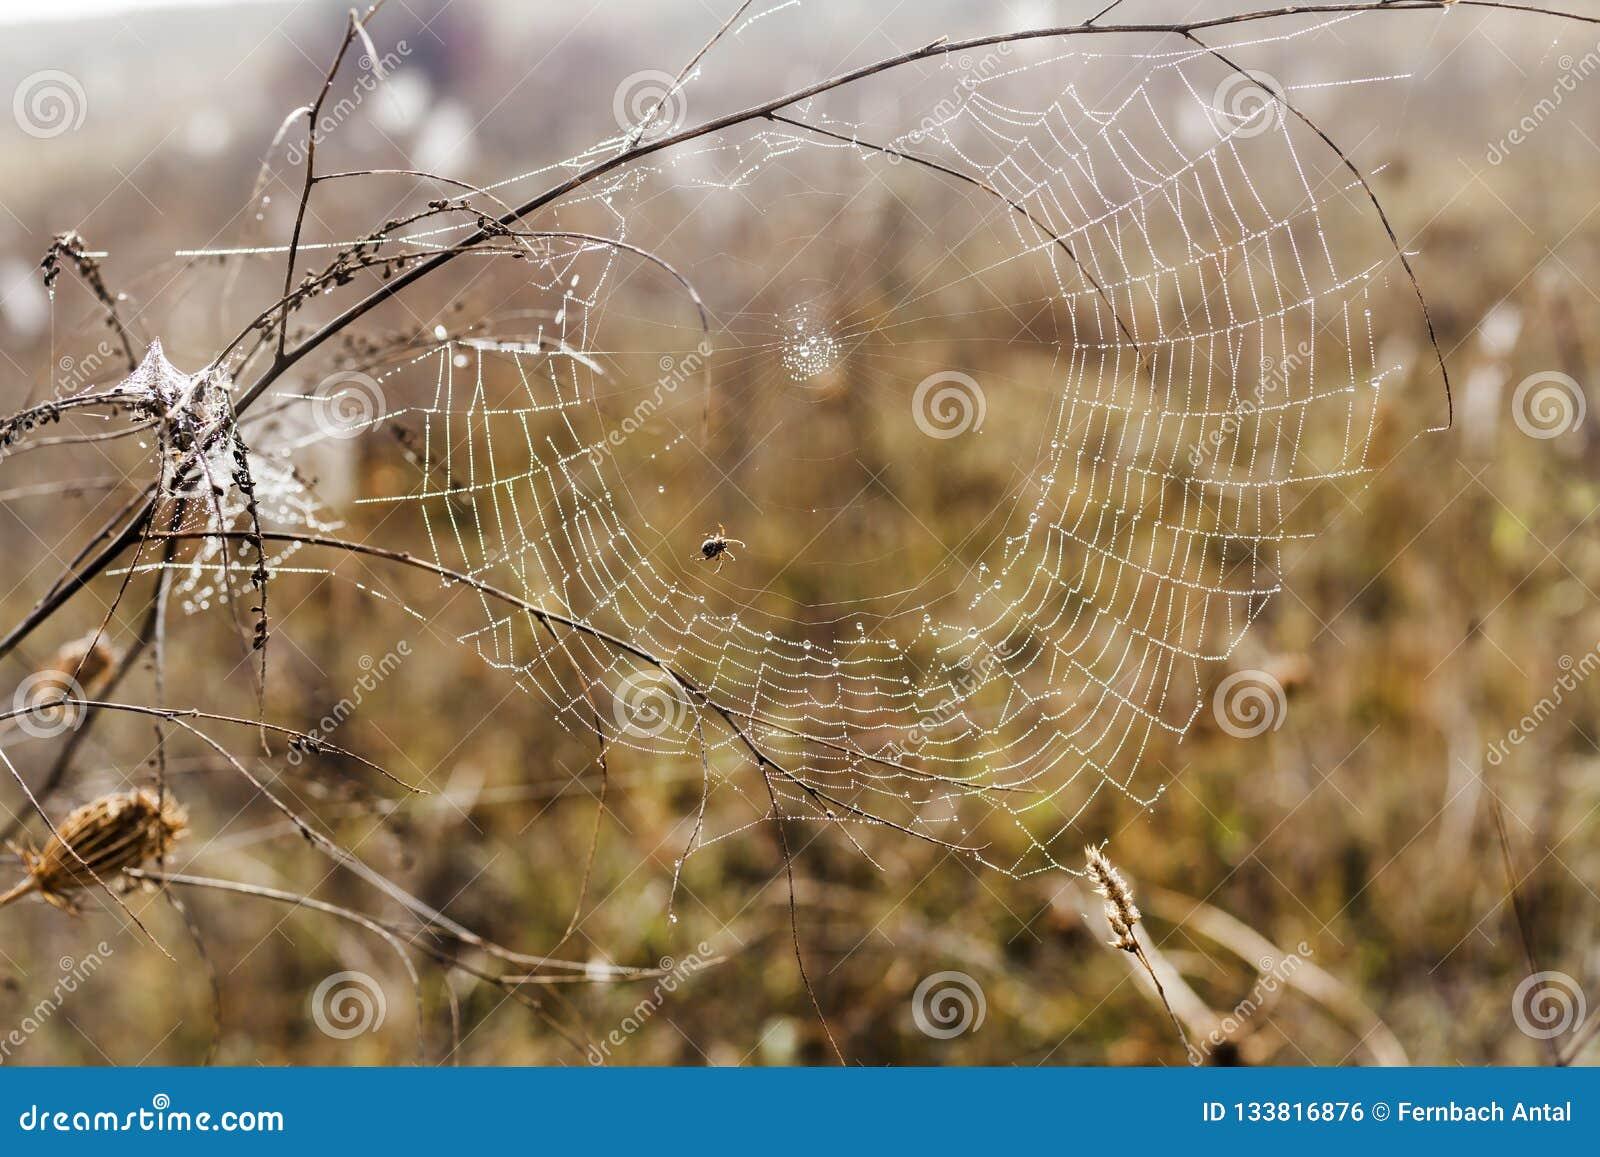 Bräcklig spindel som är netto in tidigt i en dimmig våt och kall morgon